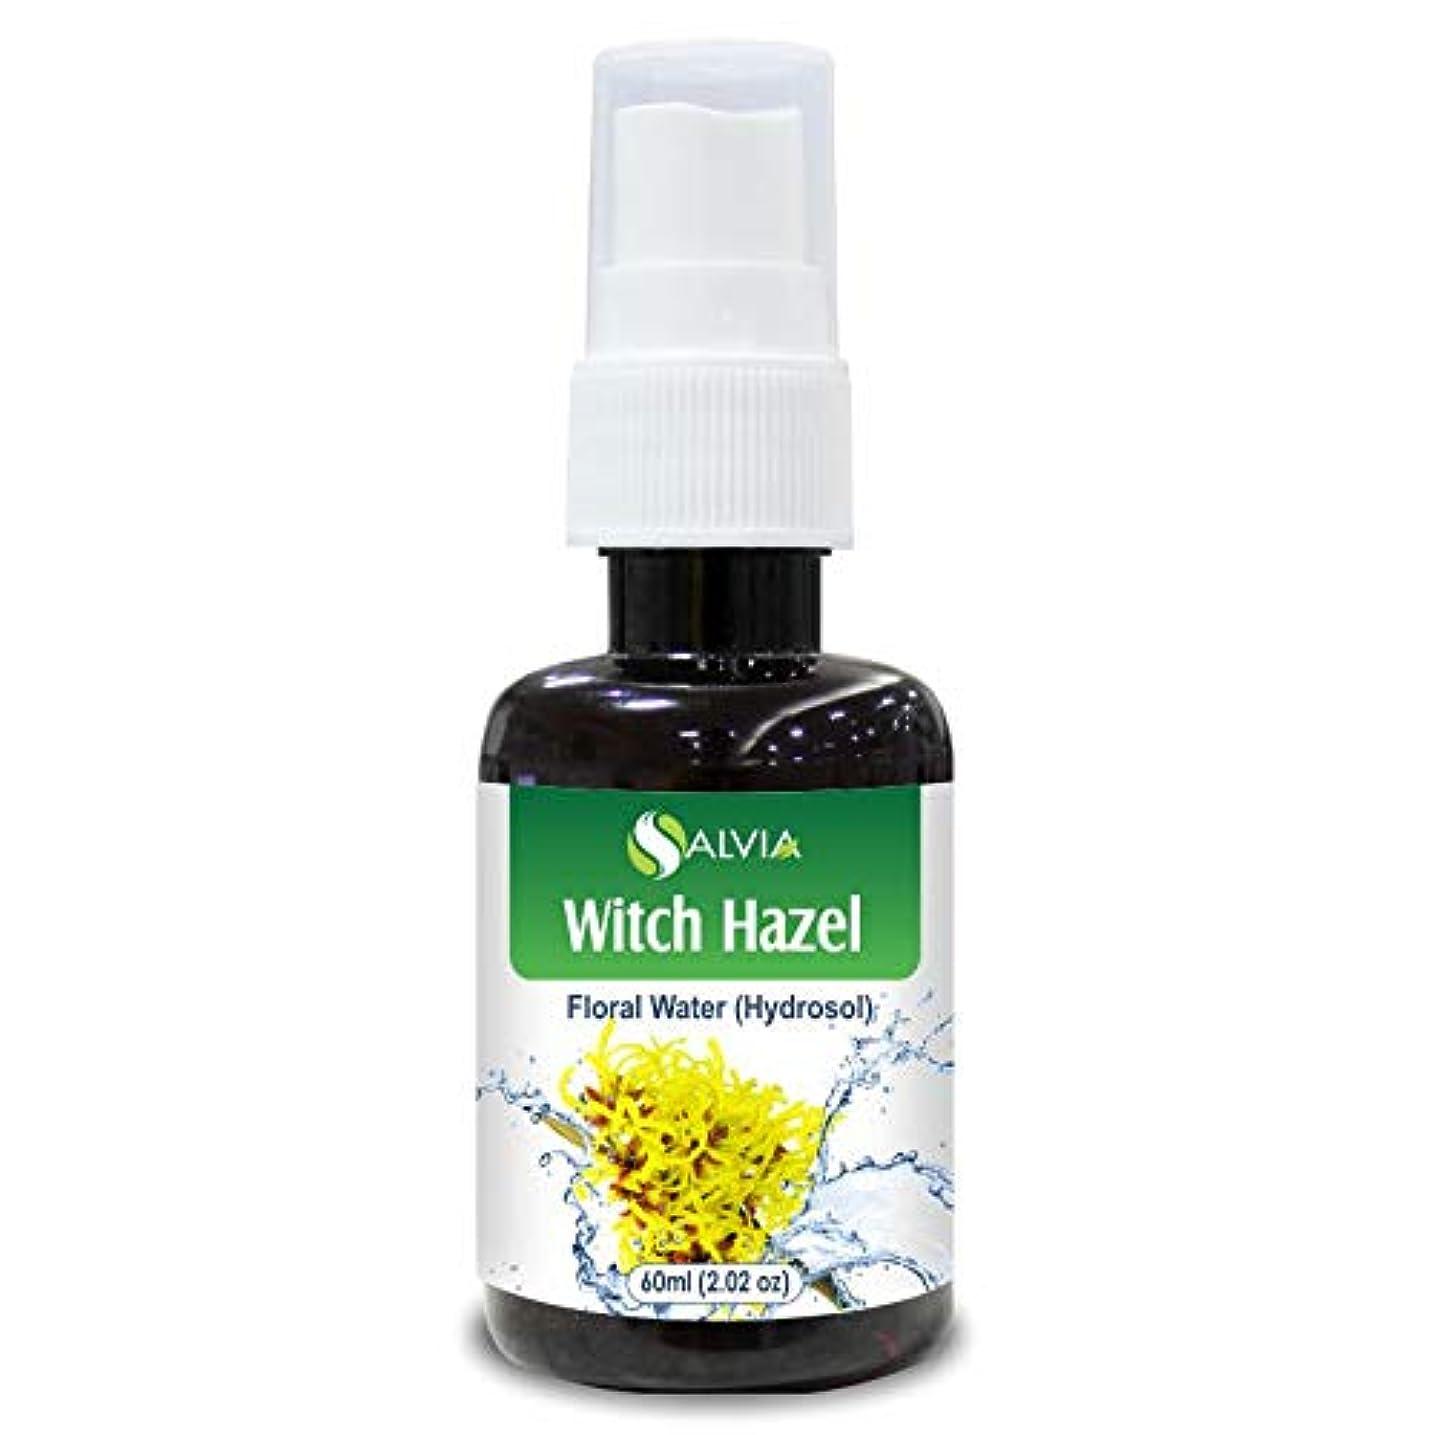 統治可能注入団結するWitch Hazel Floral Water 60ml (Hydrosol) 100% Pure And Natural